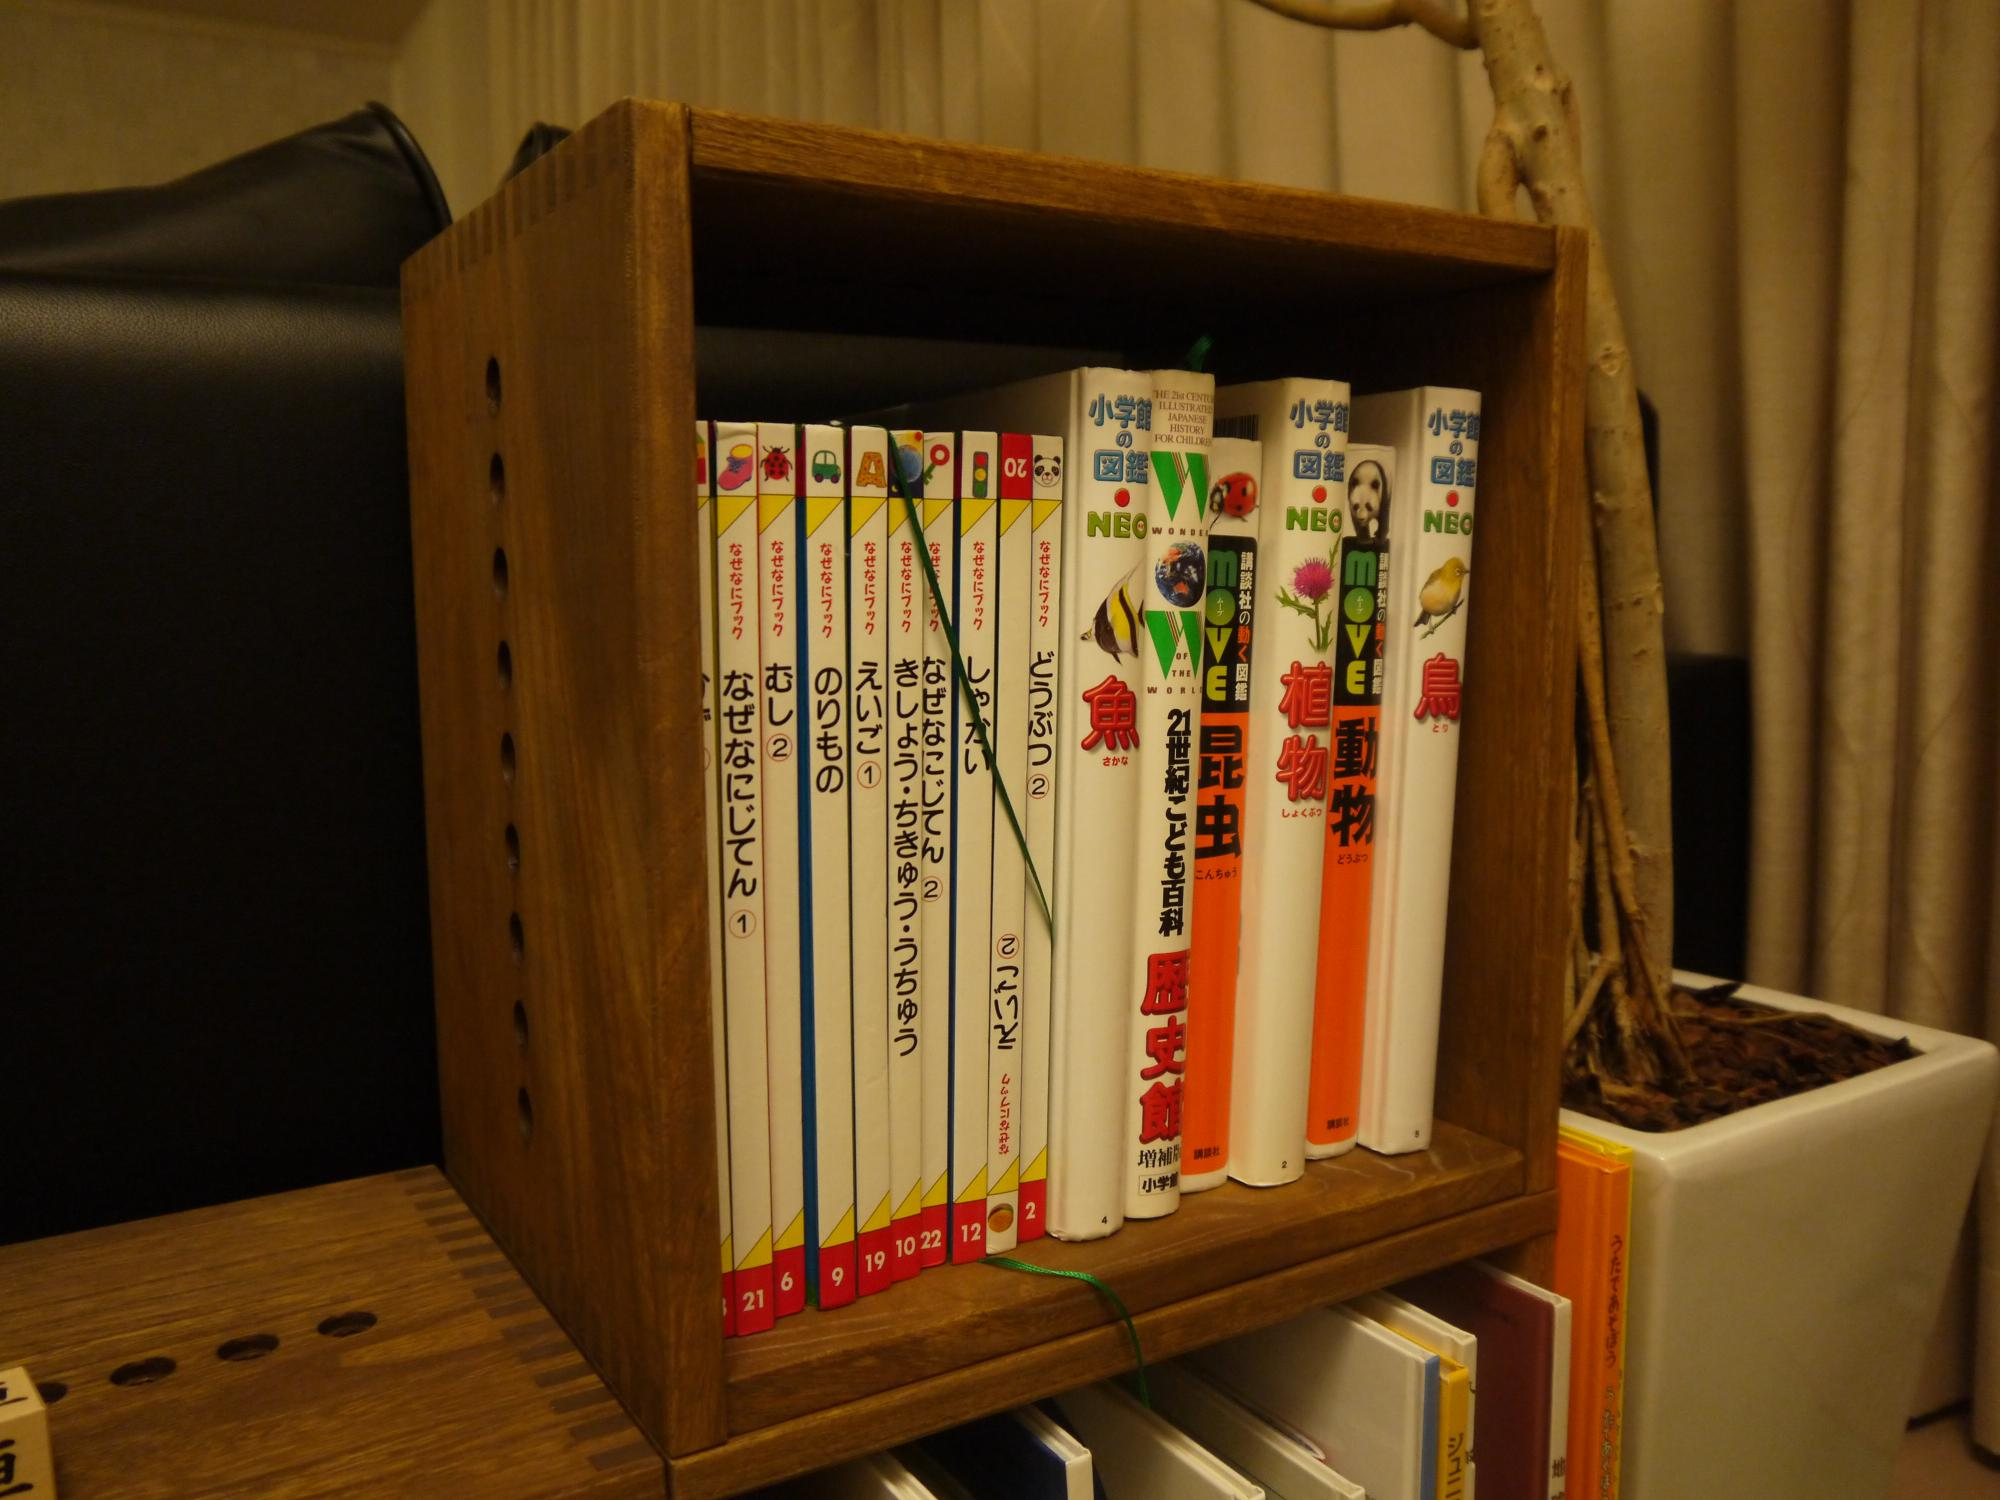 【すばらしい!】 <感想>質感・色が気に入りました。軽くて運びやすいのもよいです。子供の本棚ではありますが、いい感じに見えてよかったです。奥の方に2個置けるので追加購入したいです。<設置場所>ソファーの後ろ。前から見ると本棚が見えなくてちょうどよいです。<使用方法>子供の絵本入れ<こだわり>段々にして子供が上り下りできるように設置しました。本棚からソファーへ、ソファーから本棚へ行ったり来たりして楽しそうにしています。【子供部屋 無垢 木製 収納 ラック キューブ カラーボックス 本棚 絵本 おもちゃ 収納 図鑑 大型本】